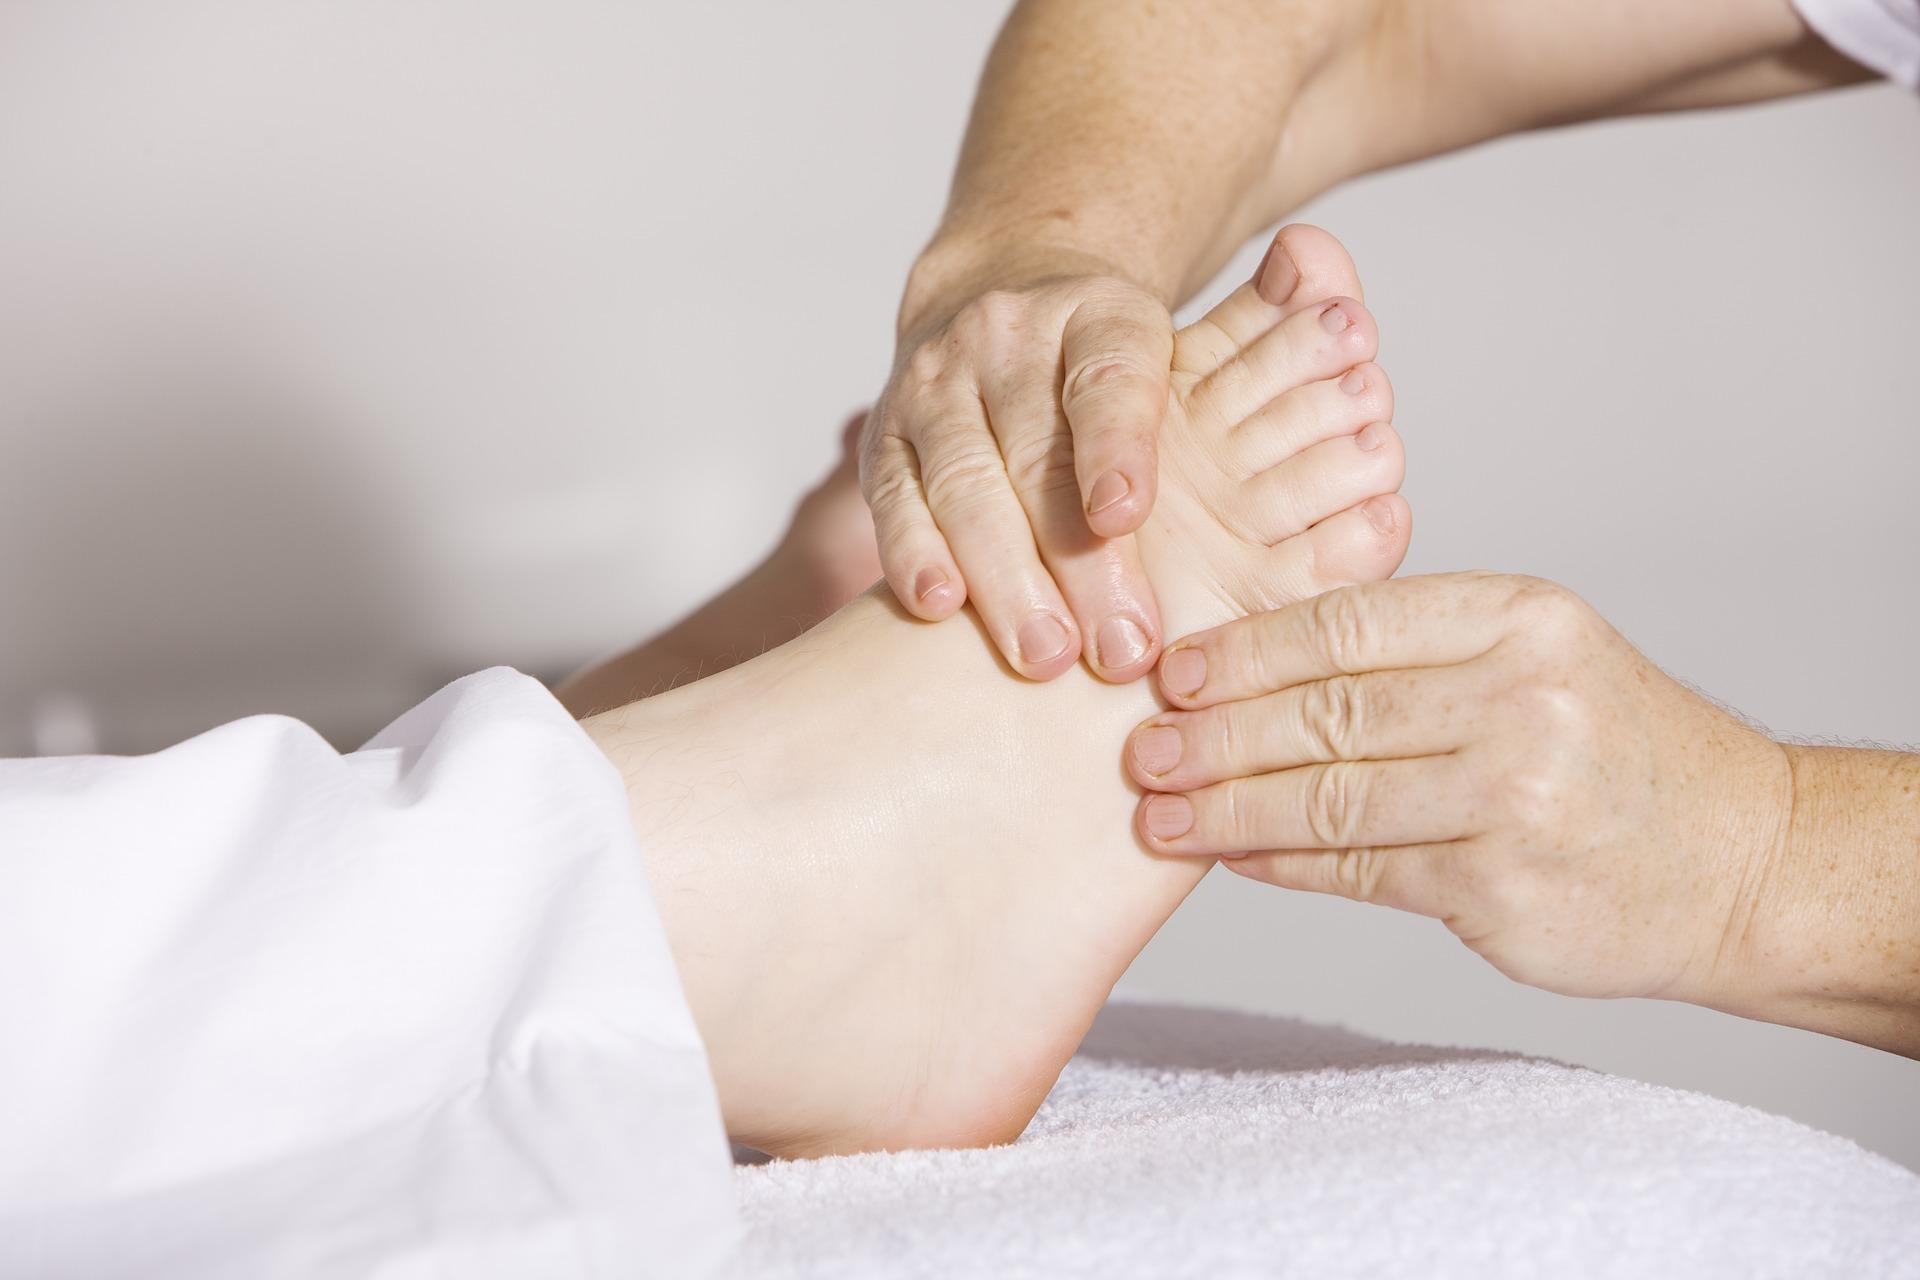 twinkstudios masajes eroticos economicos